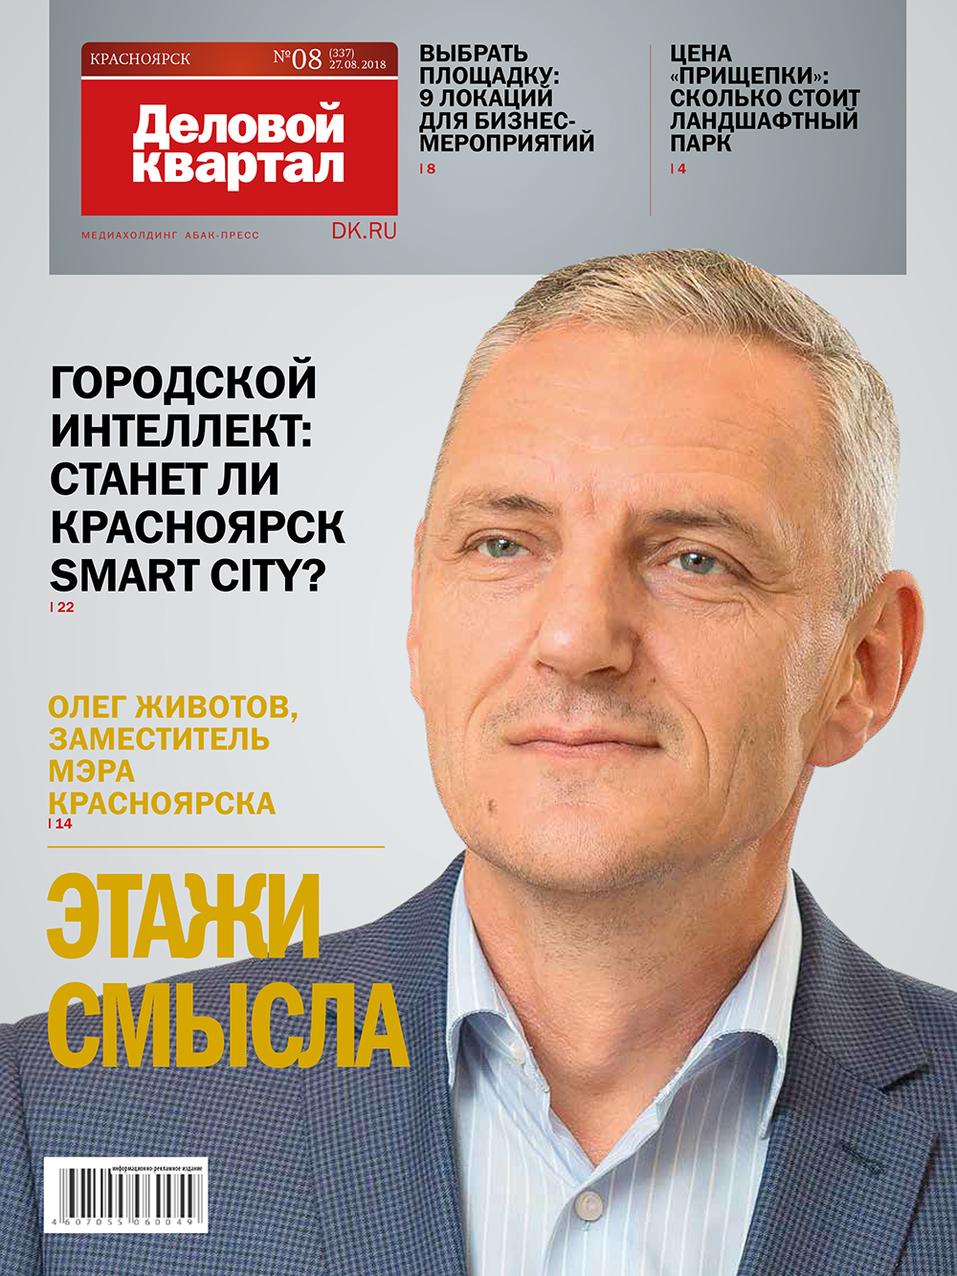 Архив журнала «Деловой квартал»-Красноярск 8